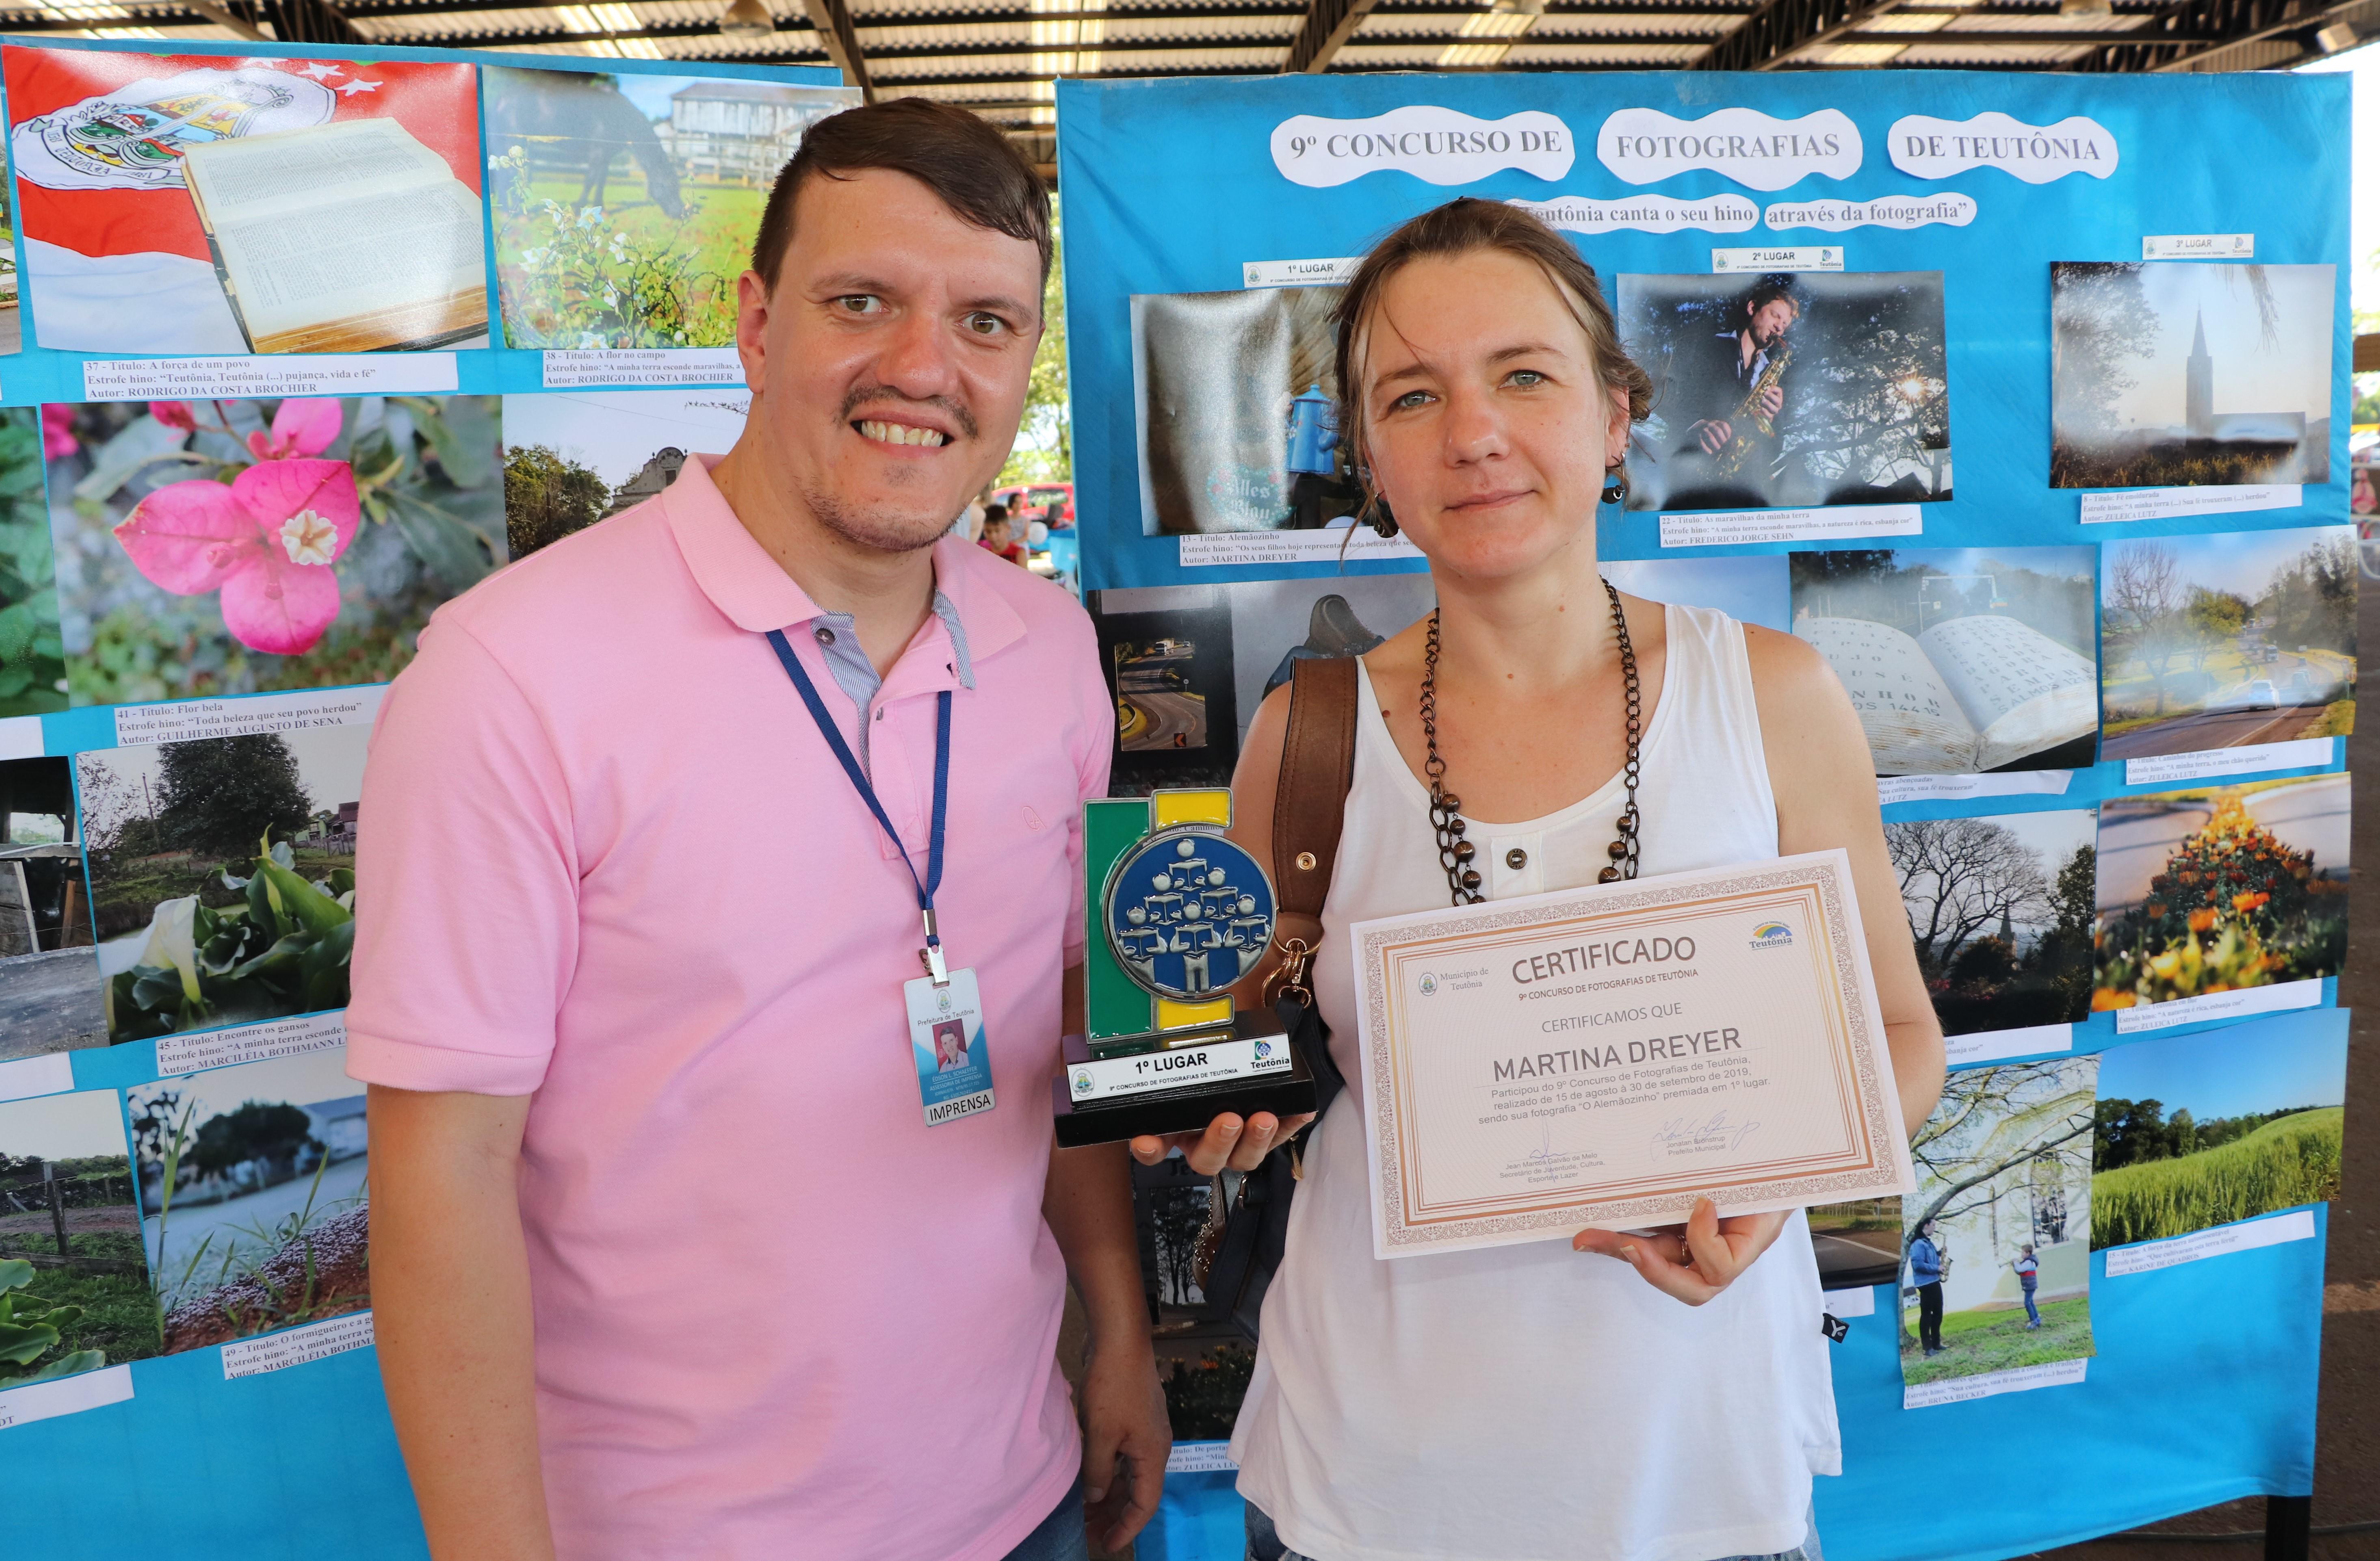 Prefeitura de Teutônia entrega premiação do Concurso de Fotografias